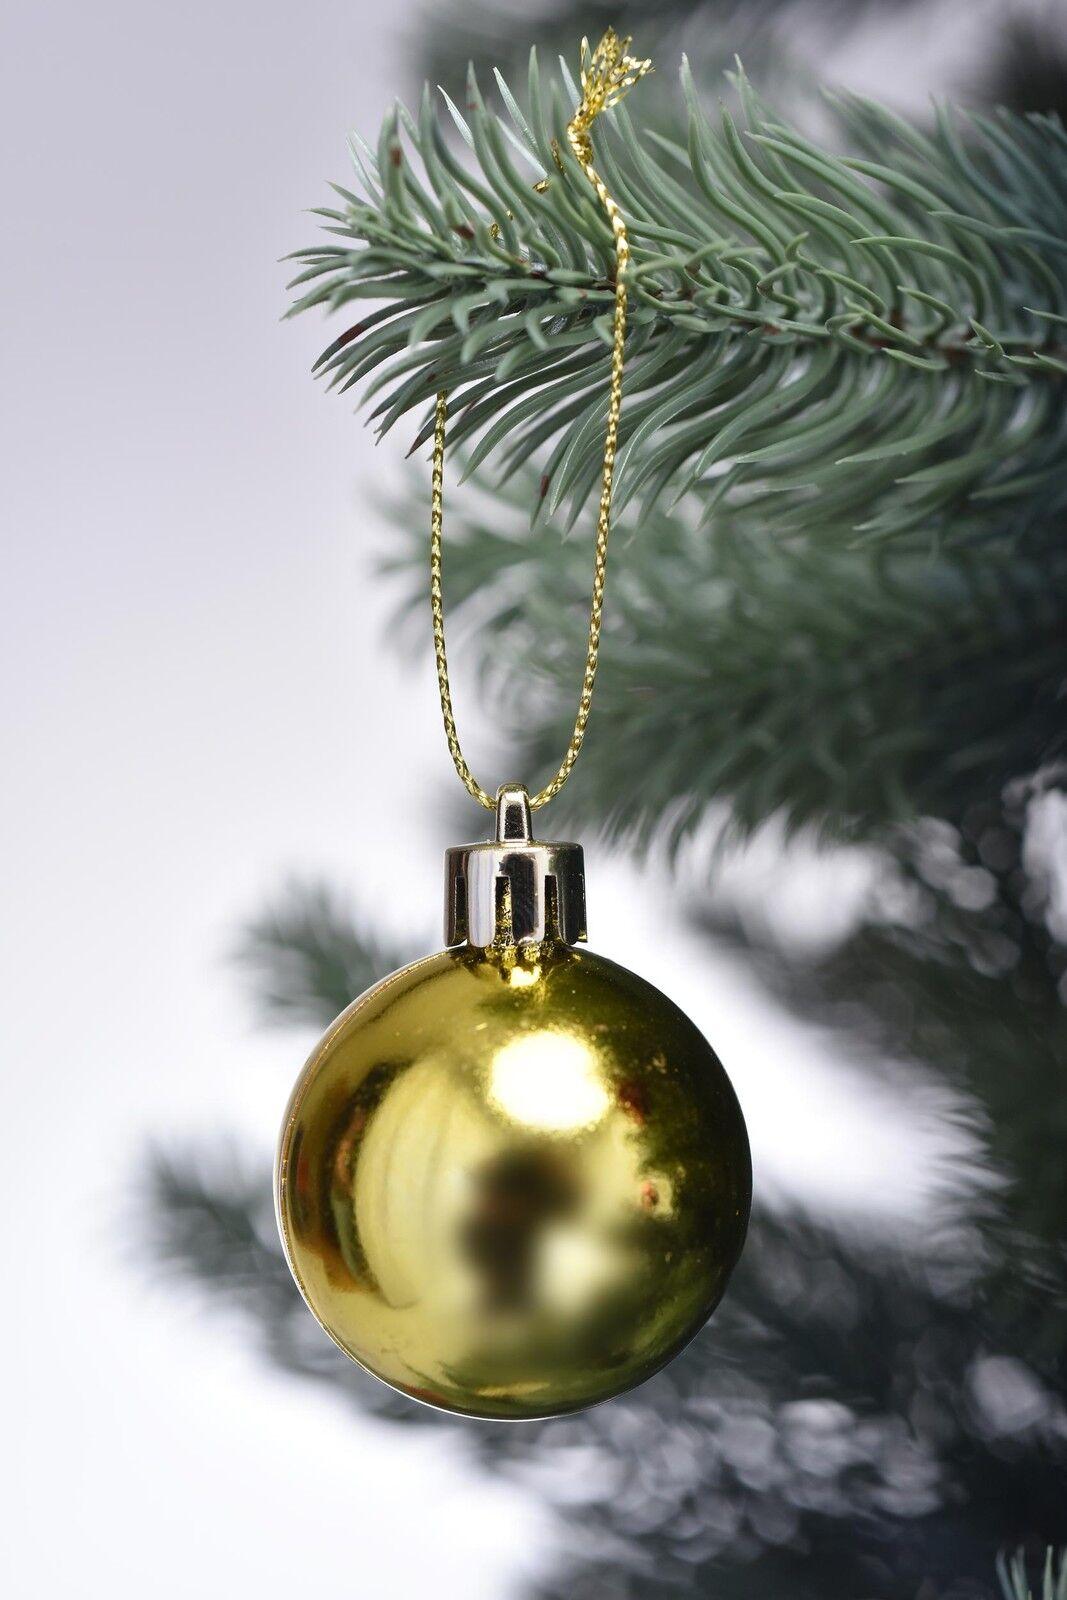 44 tlg christbaumkugeln weihnachtskugeln. Black Bedroom Furniture Sets. Home Design Ideas